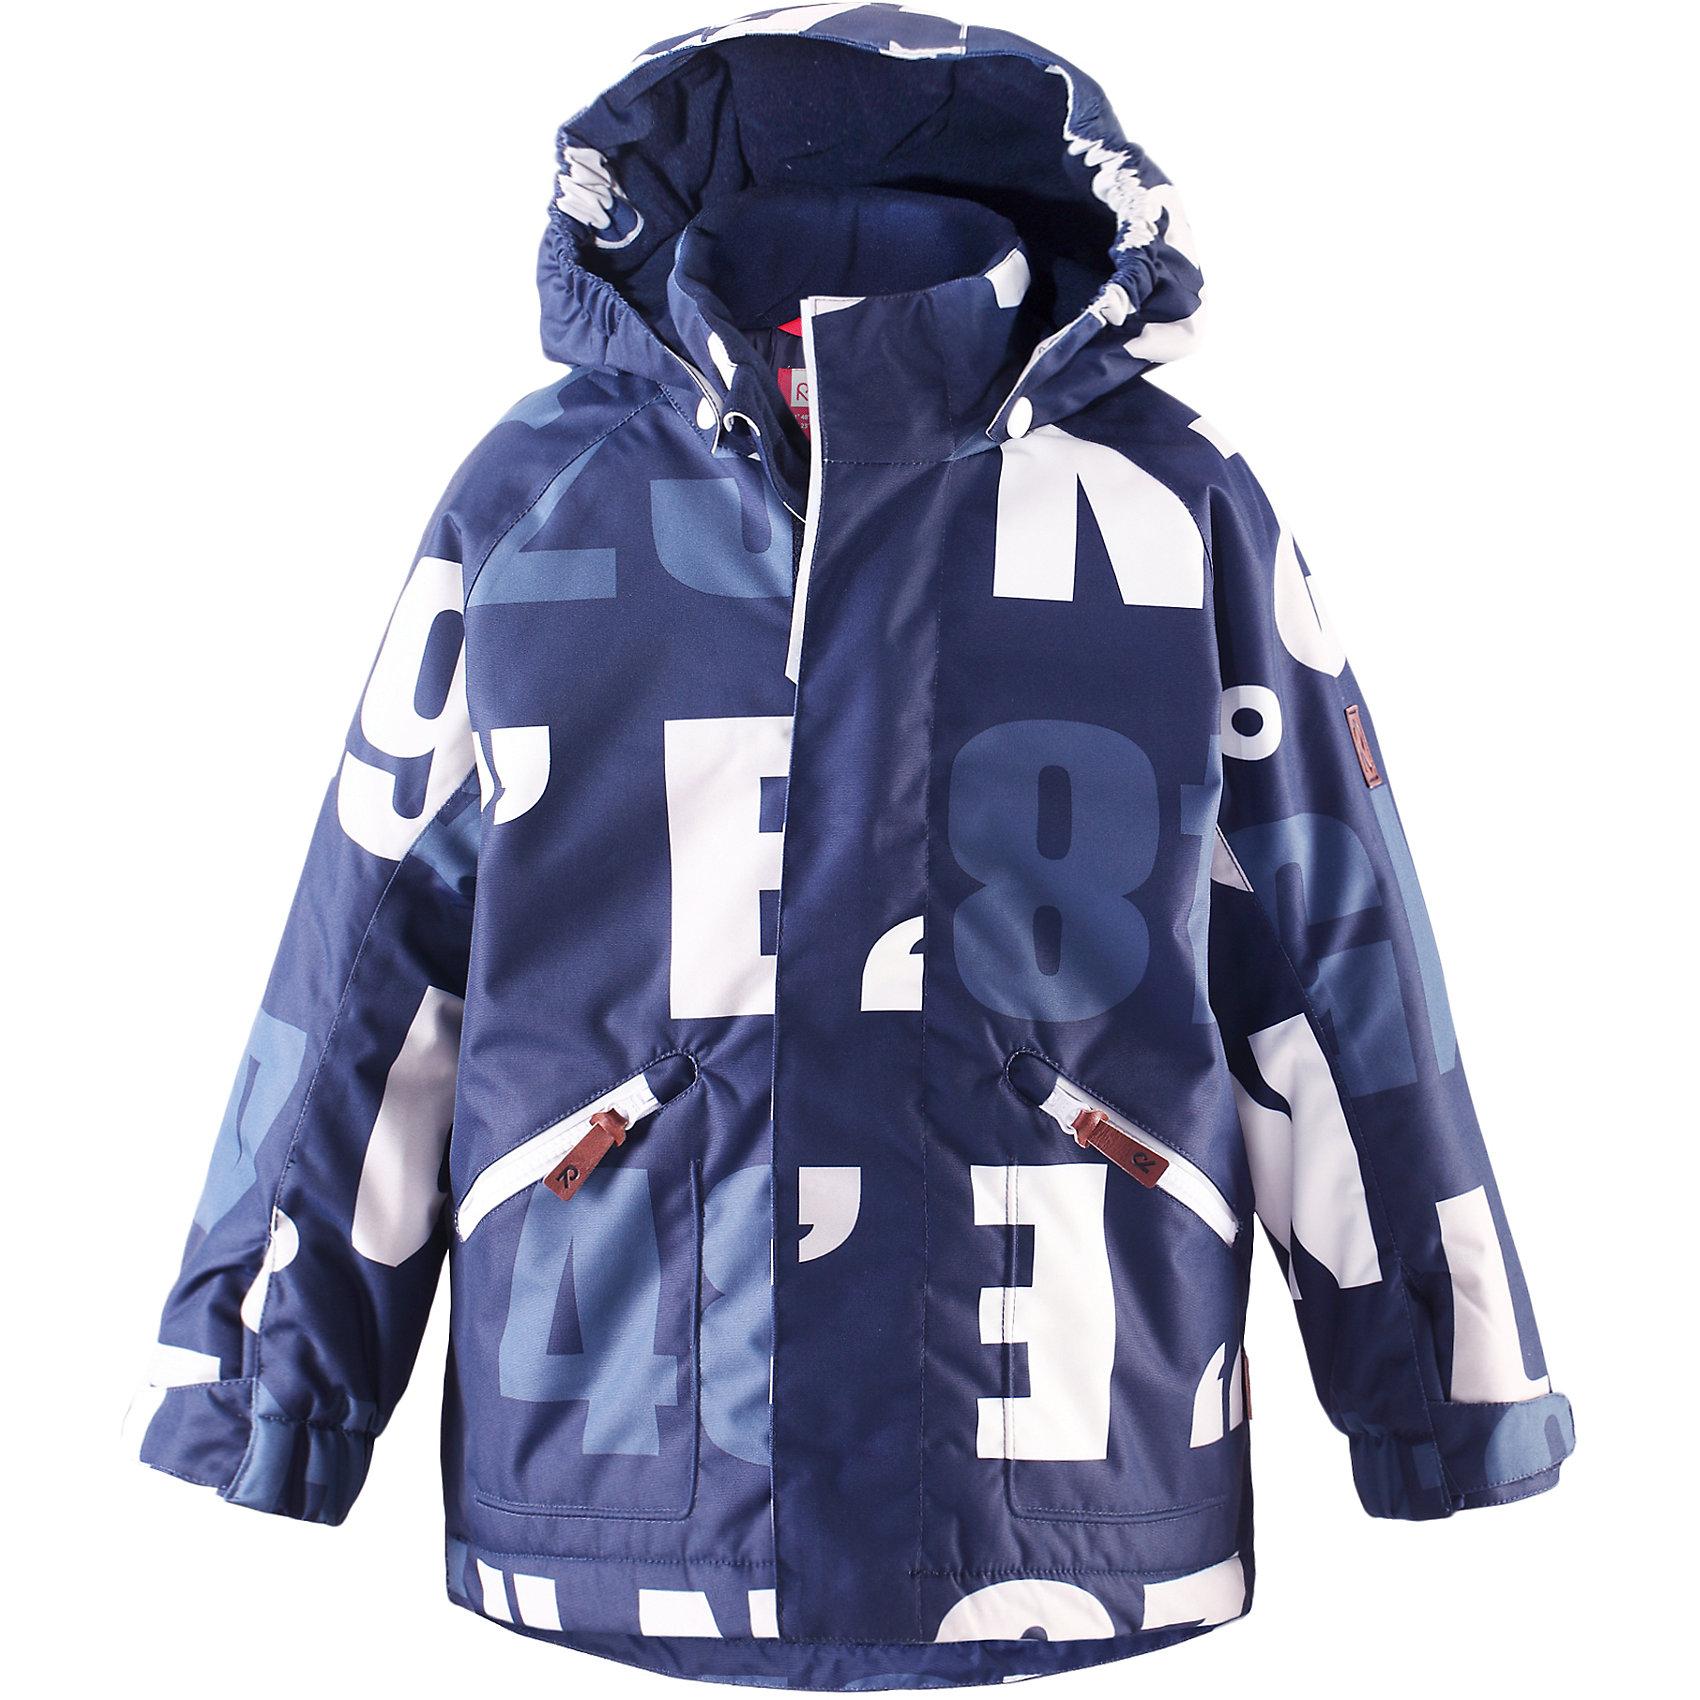 Куртка Nappaa для мальчика ReimaОдежда<br>Куртка для мальчика Reima<br>Зимняя куртка для детей. Основные швы проклеены и не пропускают влагу. Водо- и ветронепроницаемый, «дышащий» и грязеотталкивающий материал. Гладкая подкладка из полиэстраБезопасный, съемный капюшон. Регулируемый манжет на липучке. Регулируемый подол. Два кармана на молнии. Безопасные светоотражающие детали.<br>Утеплитель: Reima® Soft Loft insulation,160 g<br>Уход:<br>Стирать по отдельности, вывернув наизнанку. Застегнуть молнии и липучки. Стирать моющим средством, не содержащим отбеливающие вещества. Полоскать без специального средства. Во избежание изменения цвета изделие необходимо вынуть из стиральной машинки незамедлительно после окончания программы стирки. Сушить при низкой температуре.<br>Состав:<br>100% Полиамид, полиуретановое покрытие<br><br>Ширина мм: 356<br>Глубина мм: 10<br>Высота мм: 245<br>Вес г: 519<br>Цвет: синий<br>Возраст от месяцев: 36<br>Возраст до месяцев: 48<br>Пол: Мужской<br>Возраст: Детский<br>Размер: 104,134,122,128,140,110,116<br>SKU: 4777874